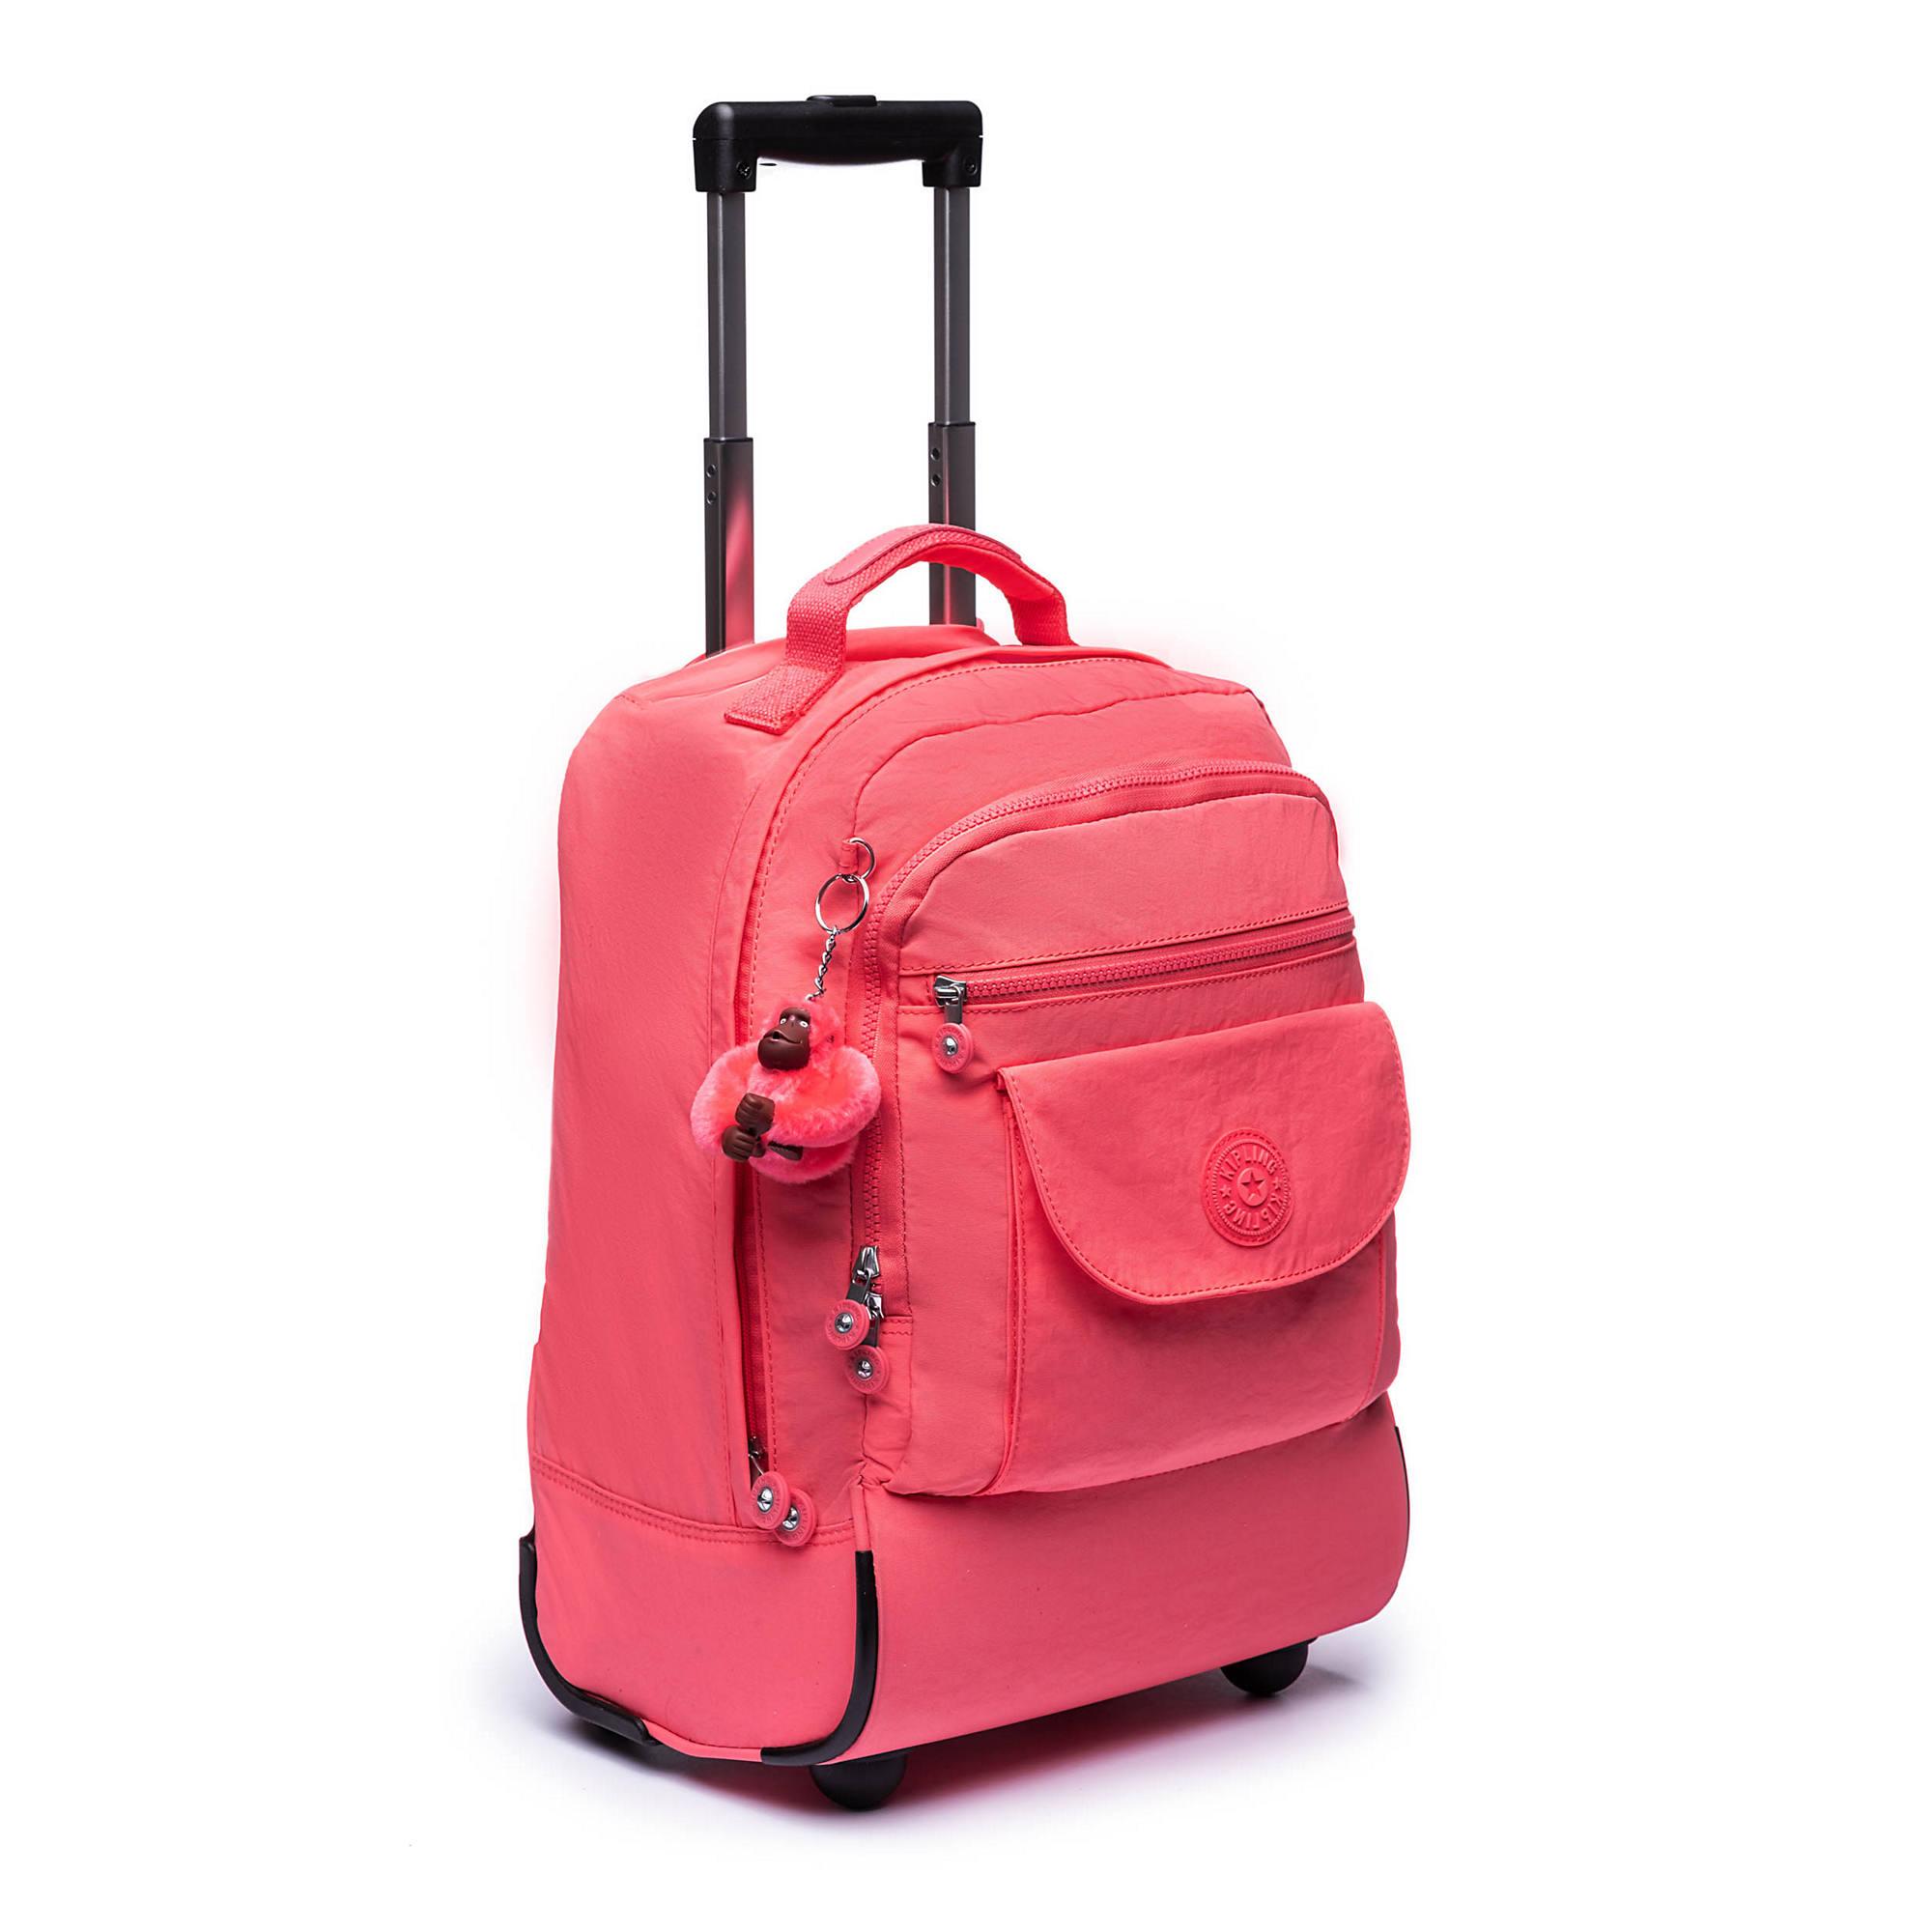 32fd037b64 Sanaa Large Rolling Backpack,Grapefruit Tonal Zipper,large